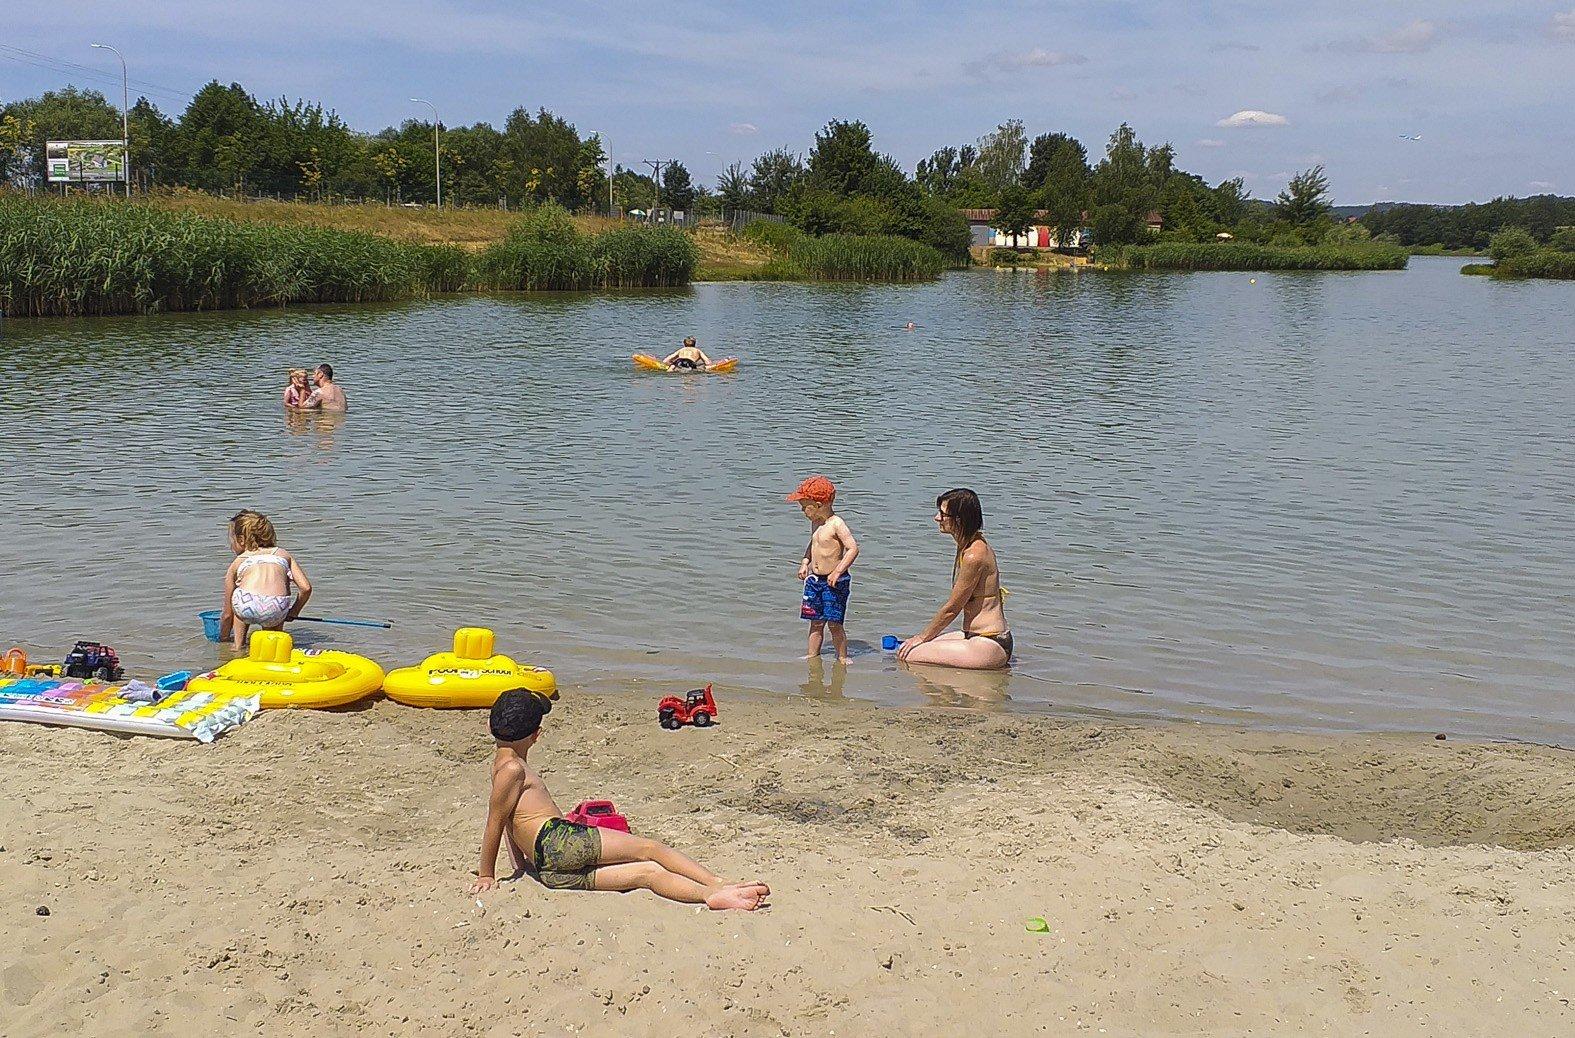 Weekend Nad Zalewem Kryspinow Slonce Woda Plaza I Brak Tlumow